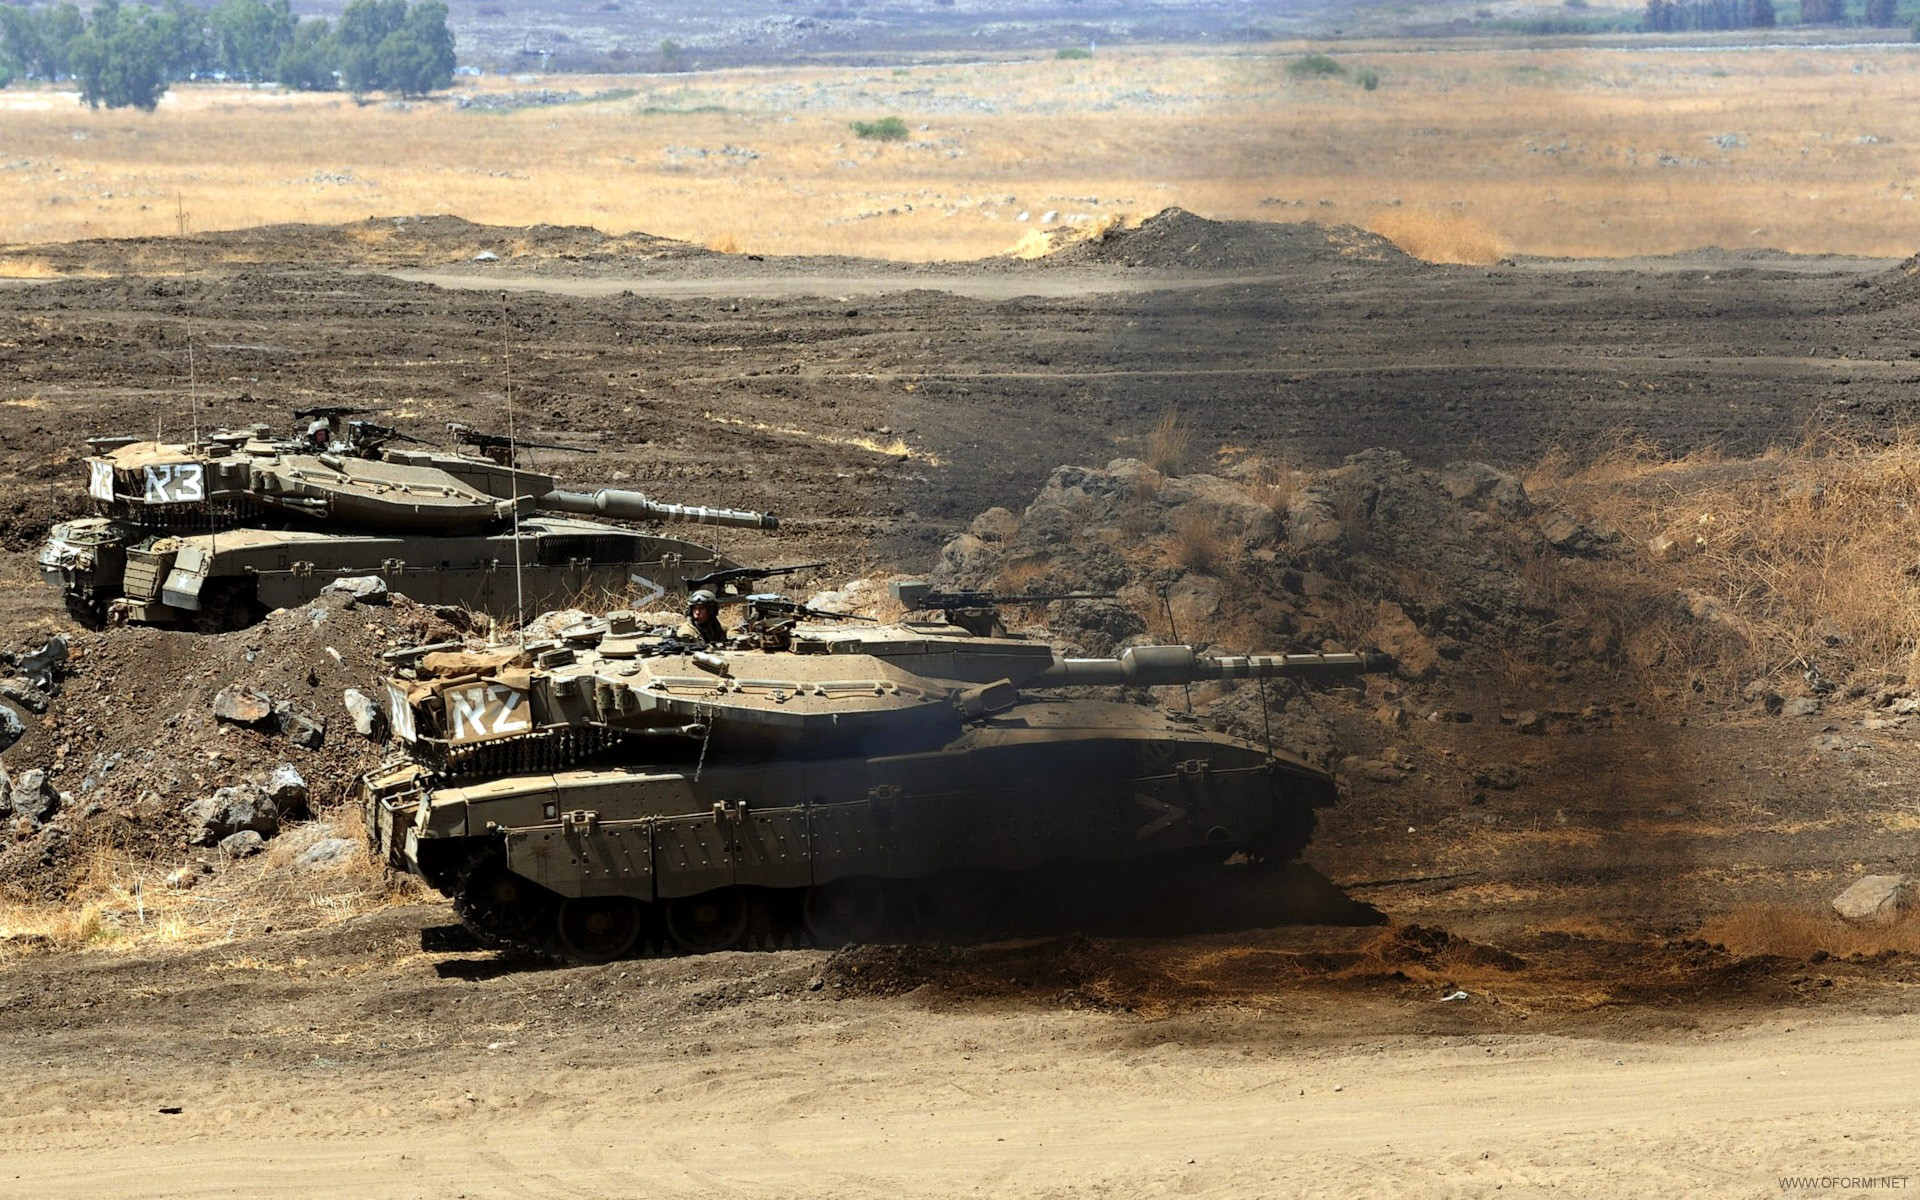 широкоформатные обои на рабочий стол израиля № 711038 загрузить